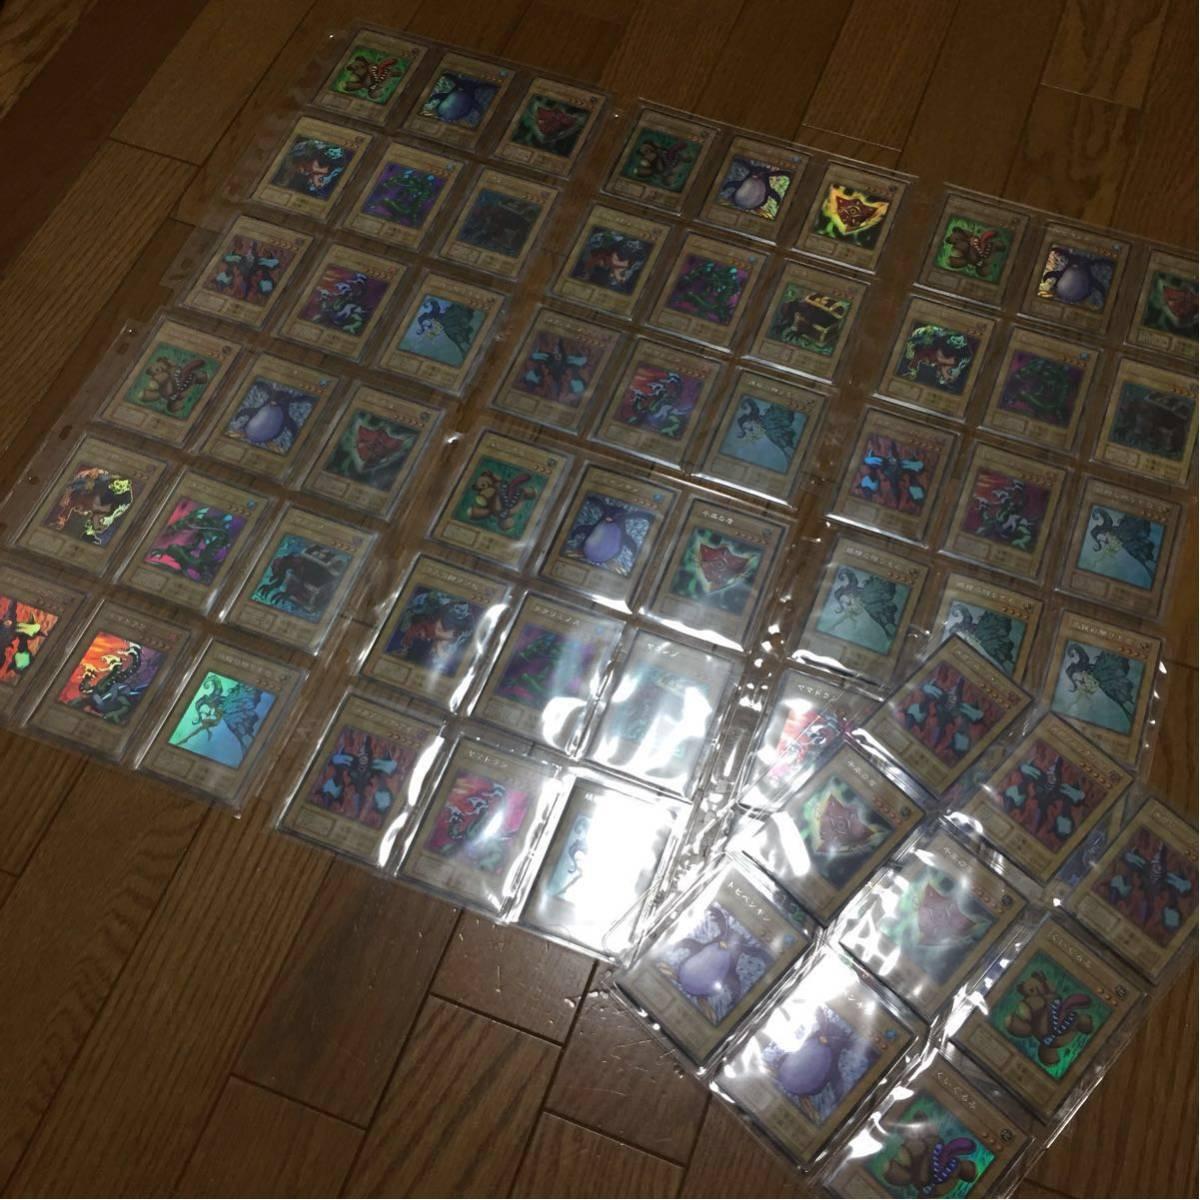 遊戯王 遊戯王カード コレクション 完全引退品 引退 初期 初期カード レア 希少 絶版 限定 まとめ売り プロモ ウルシク _画像2